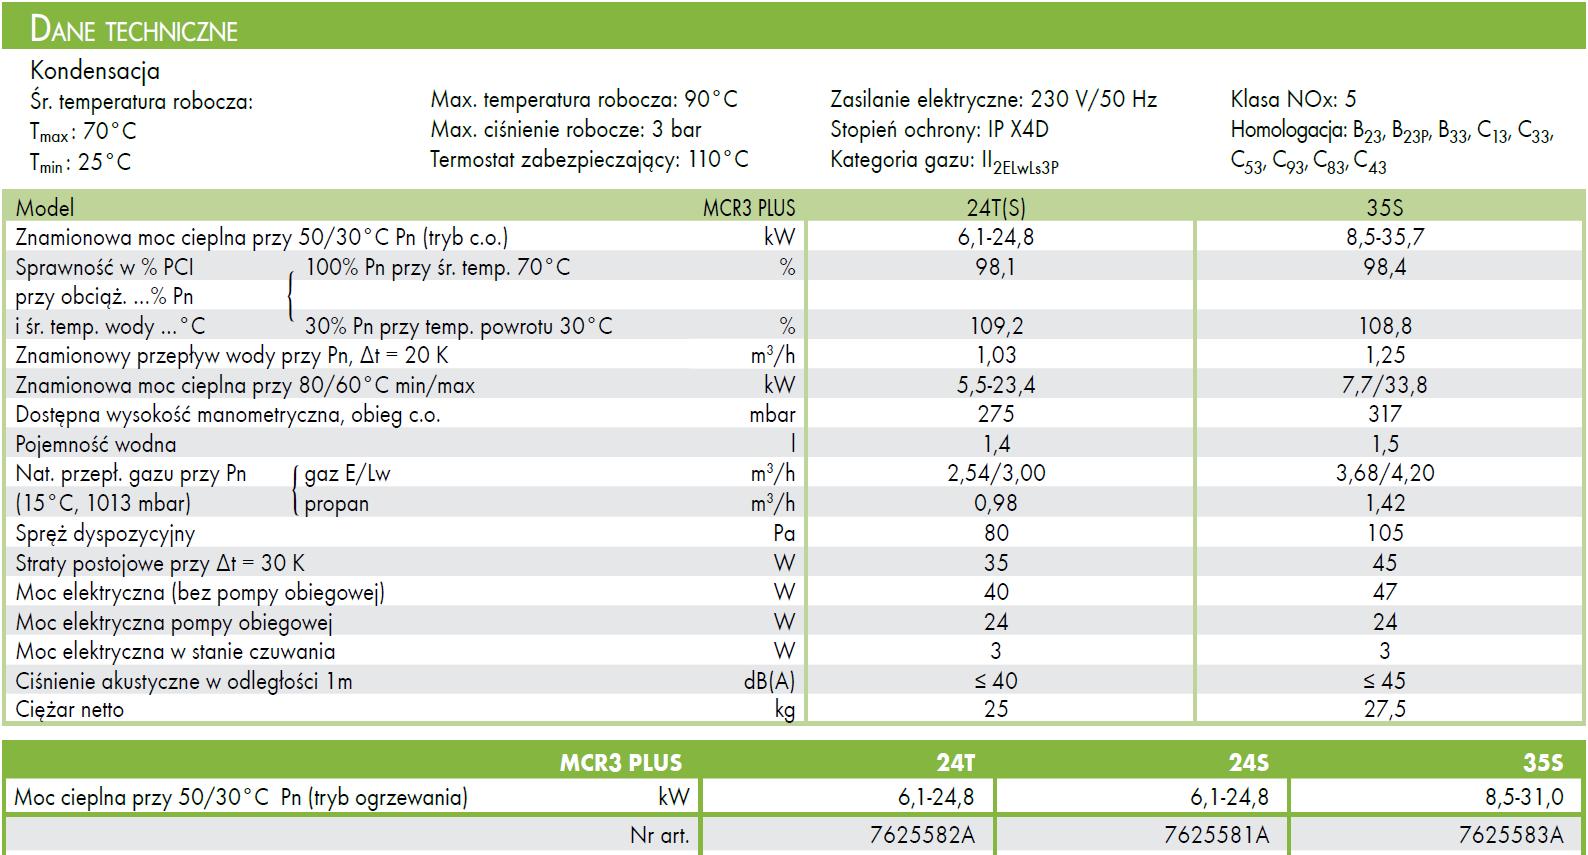 Dane techniczne kotłów De Dietrich MCR III